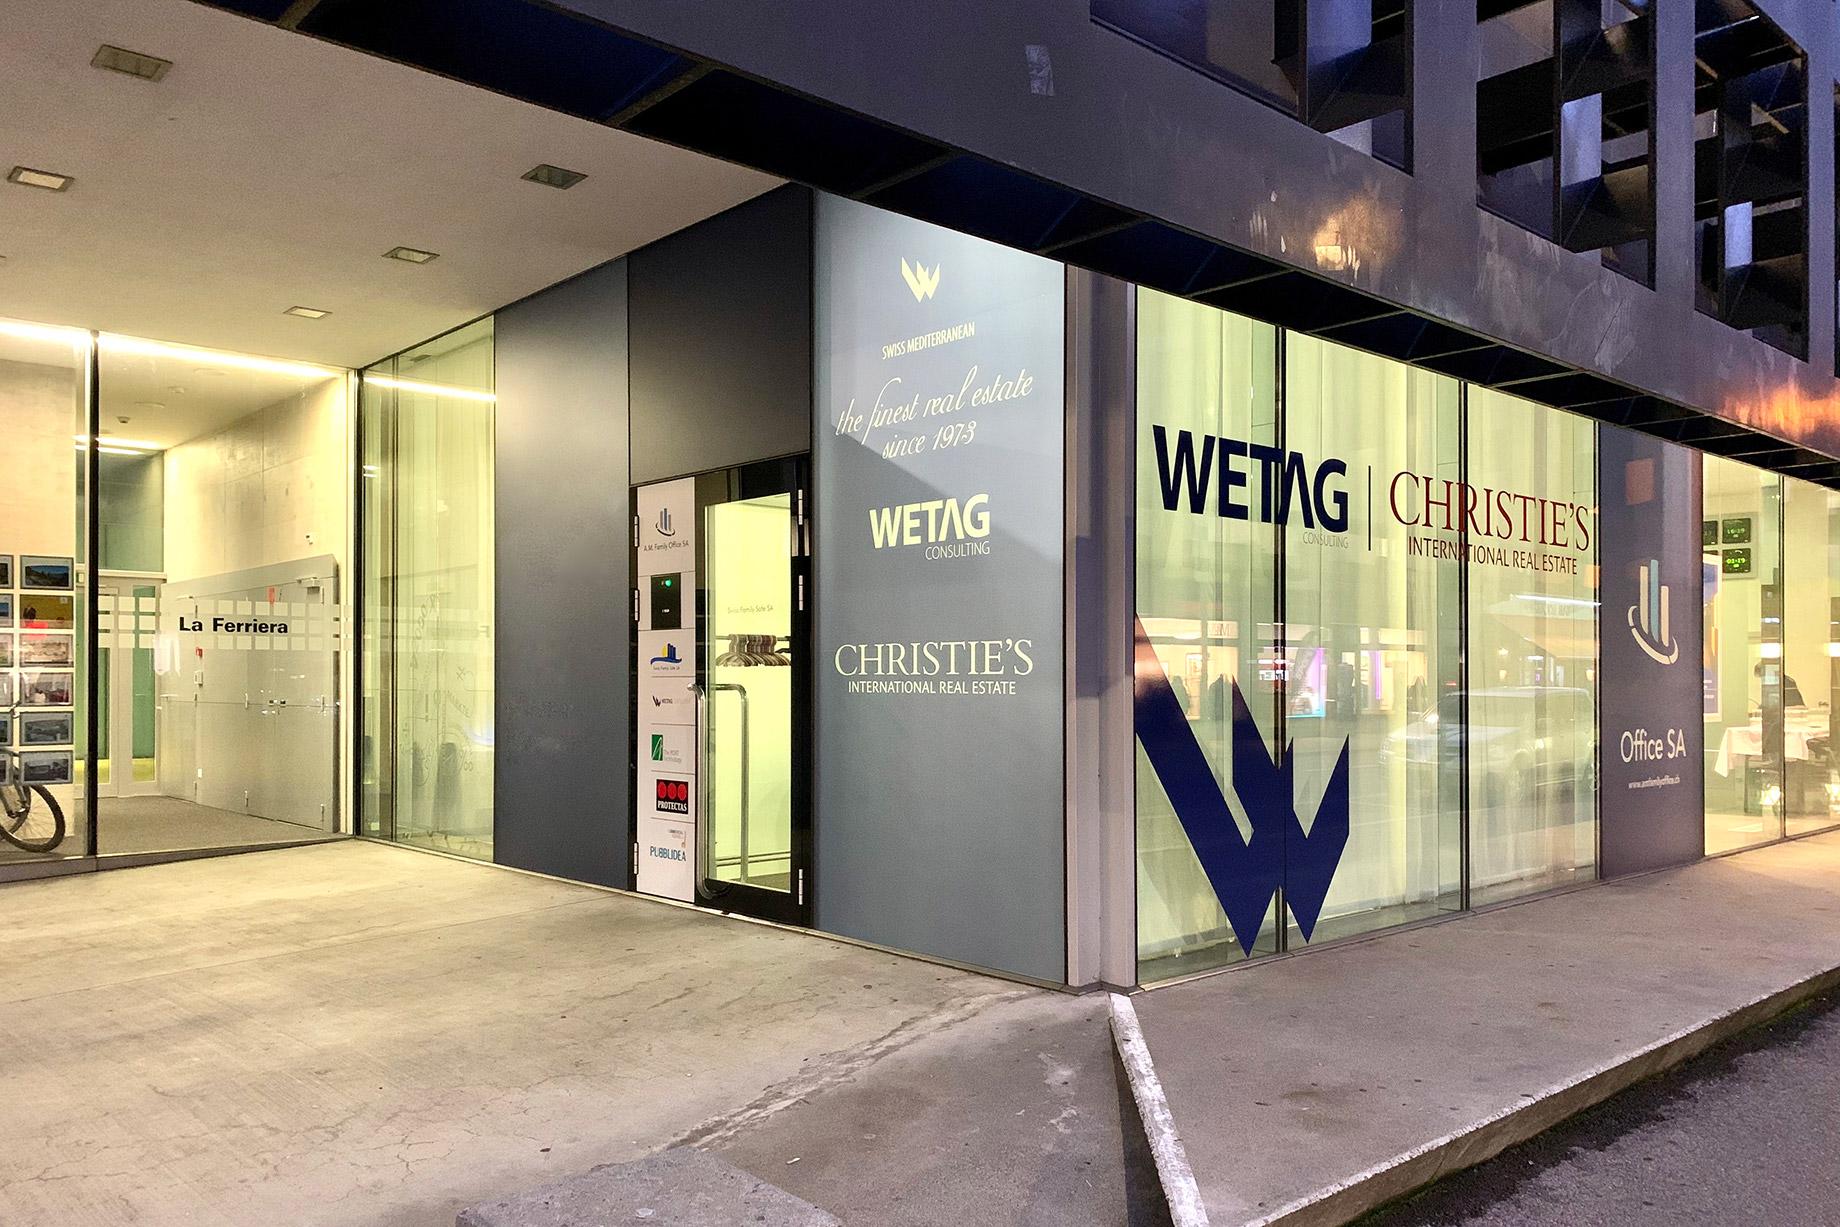 Wetag Consulting HQ Office - Locarno, Ticino, Switzerland